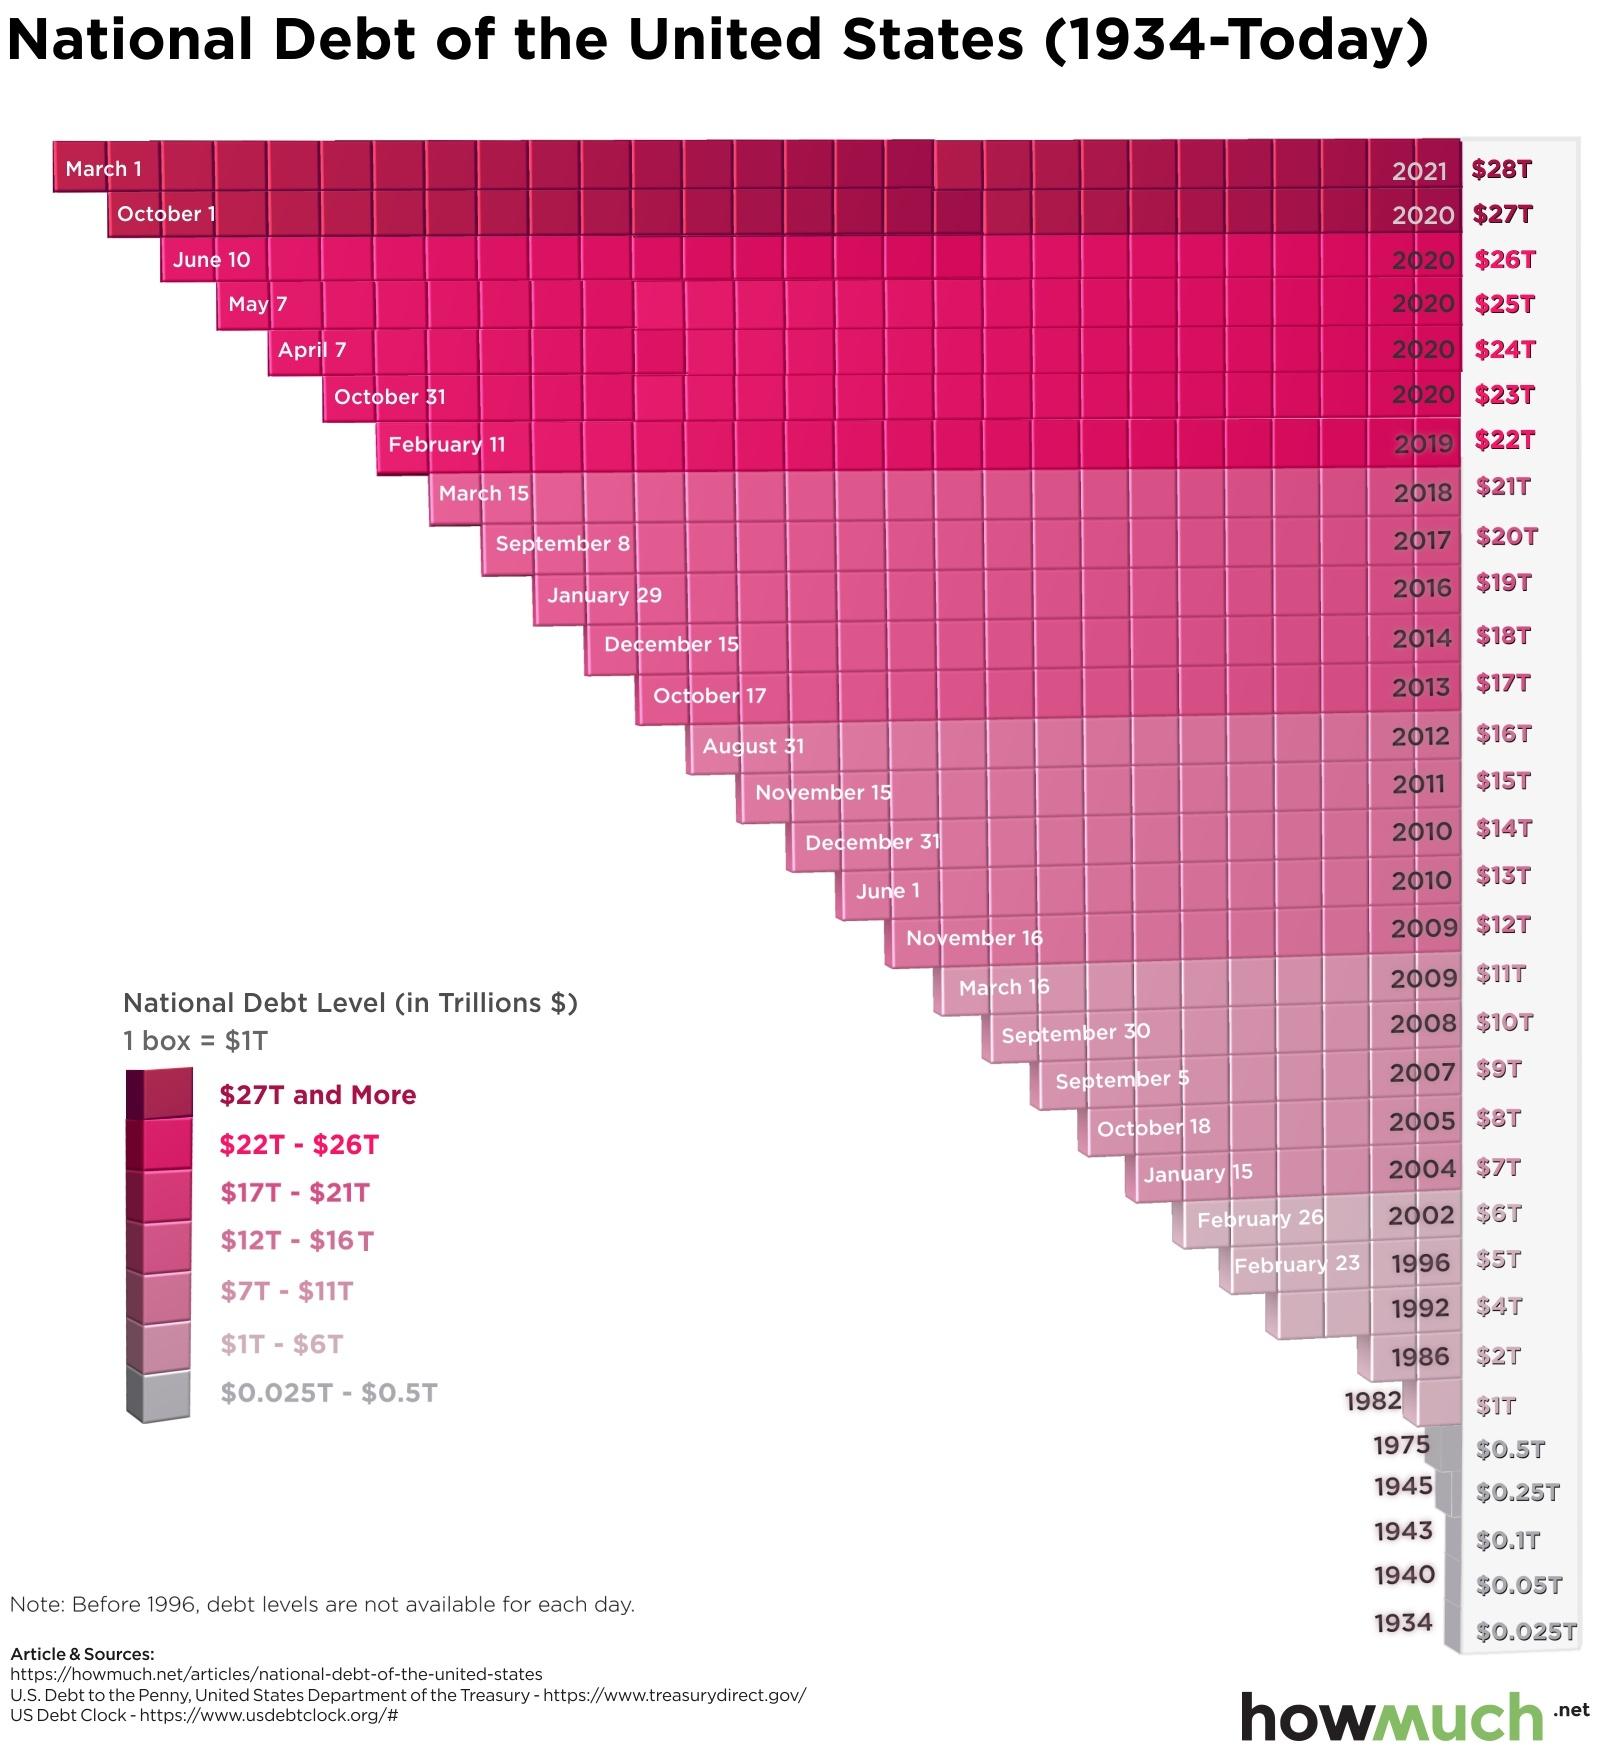 U.S. 25T debt